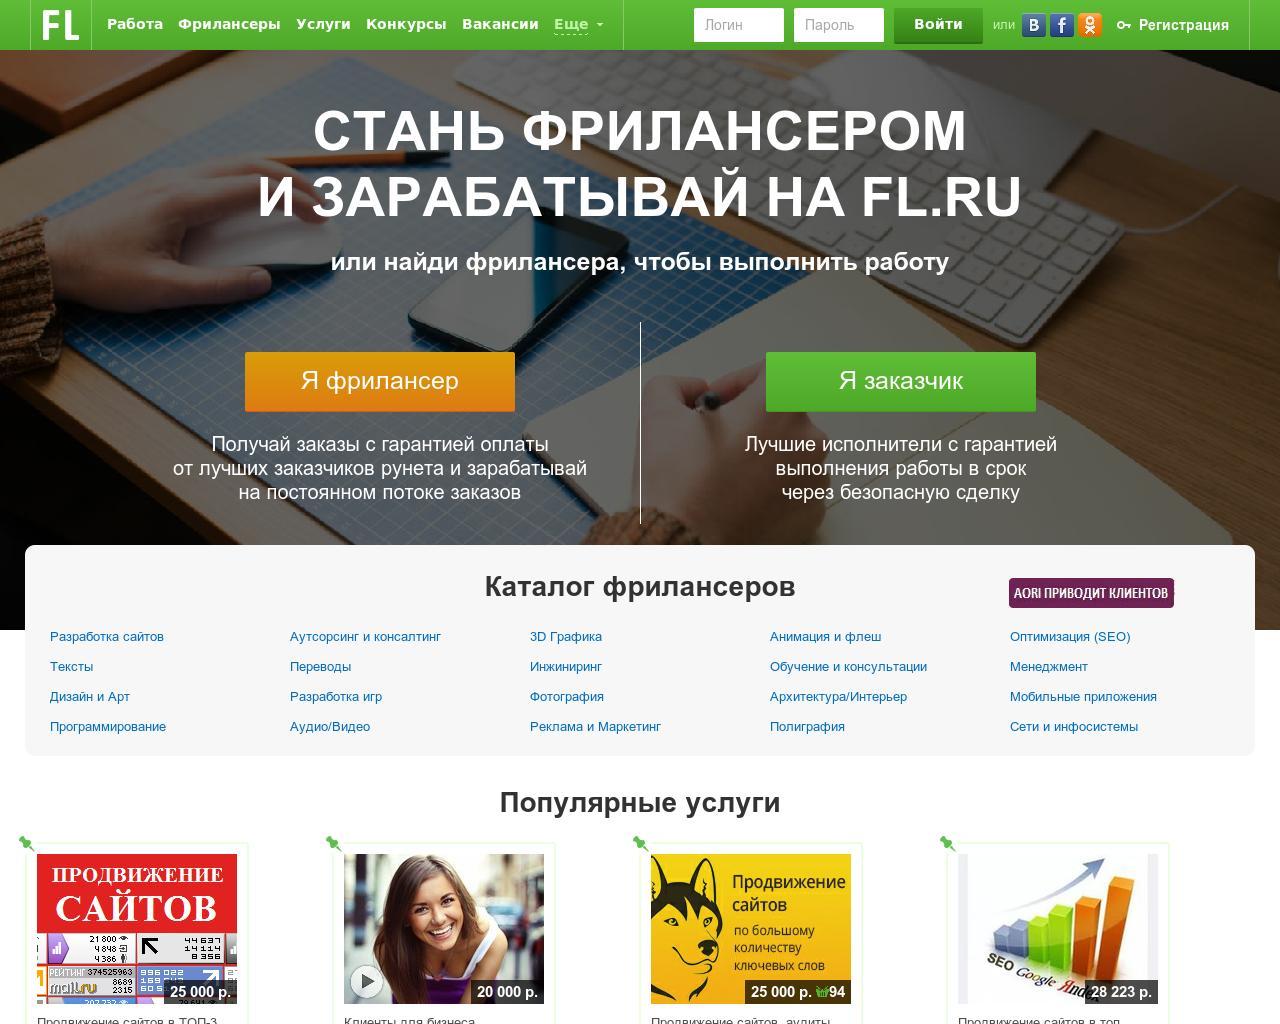 Фрилансер по сайту воронеж фрилансер веб разработчик